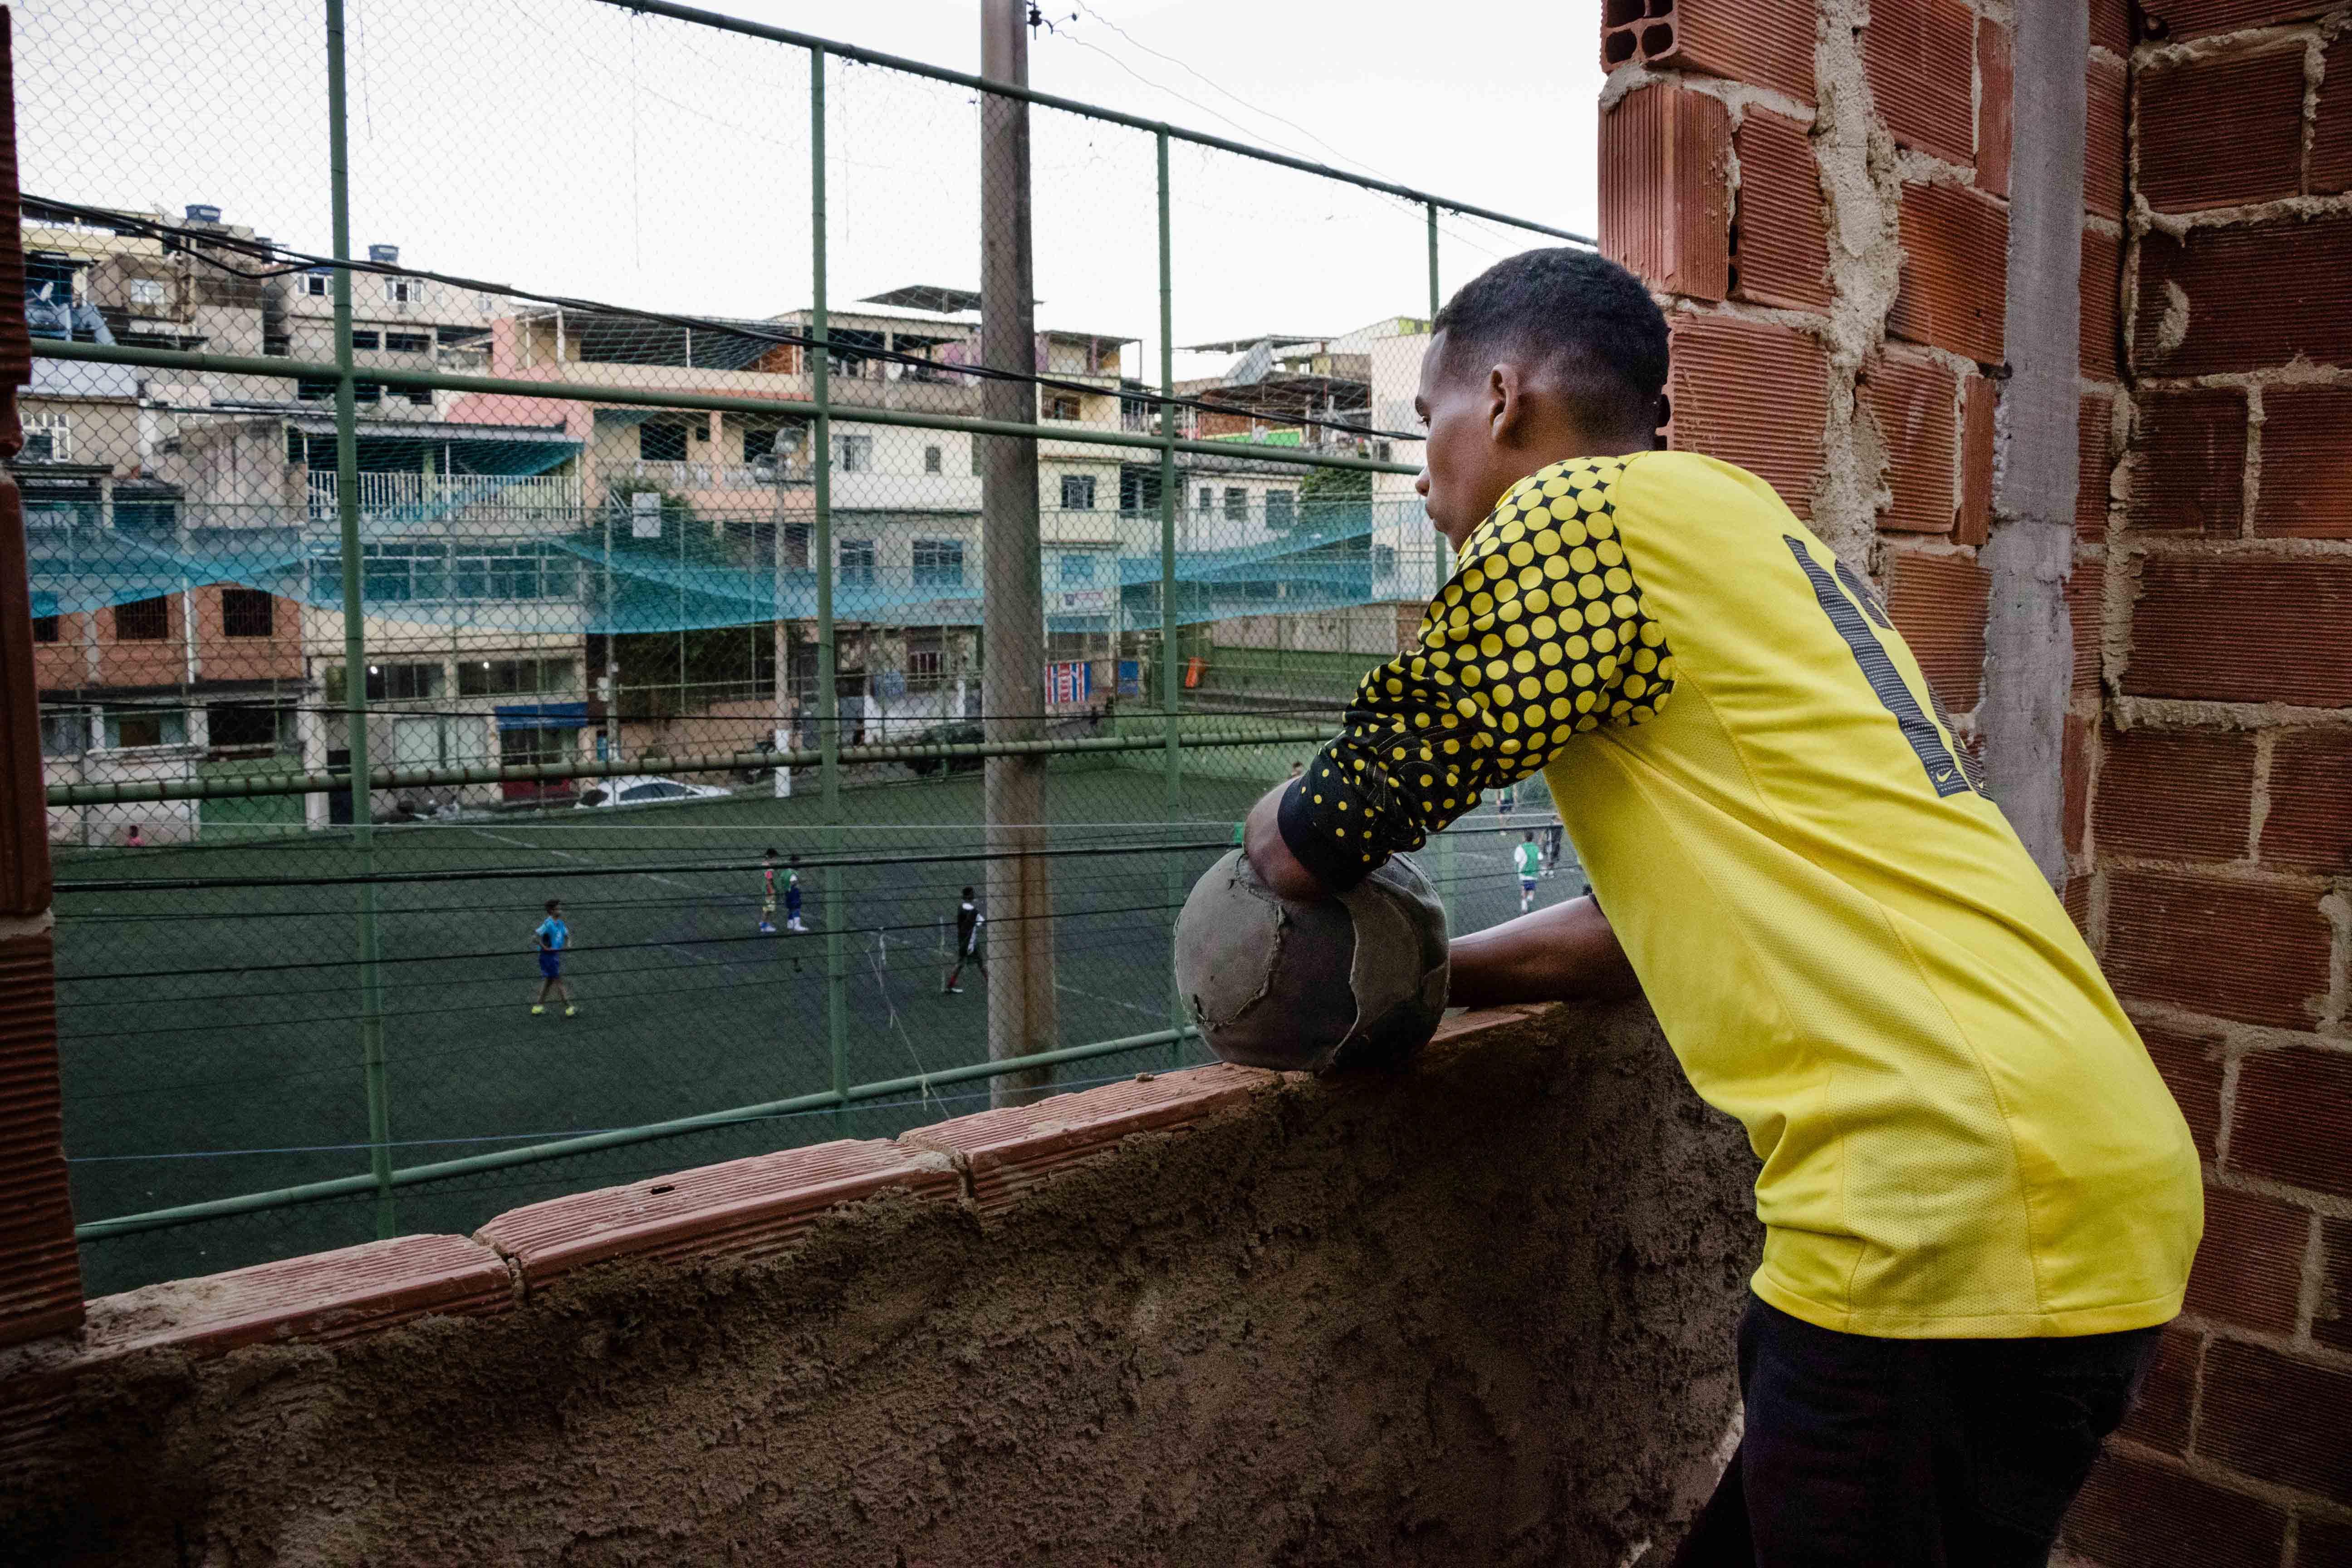 Jovem vai representar o Complexo do Alemão na seleção brasileira de futebol social